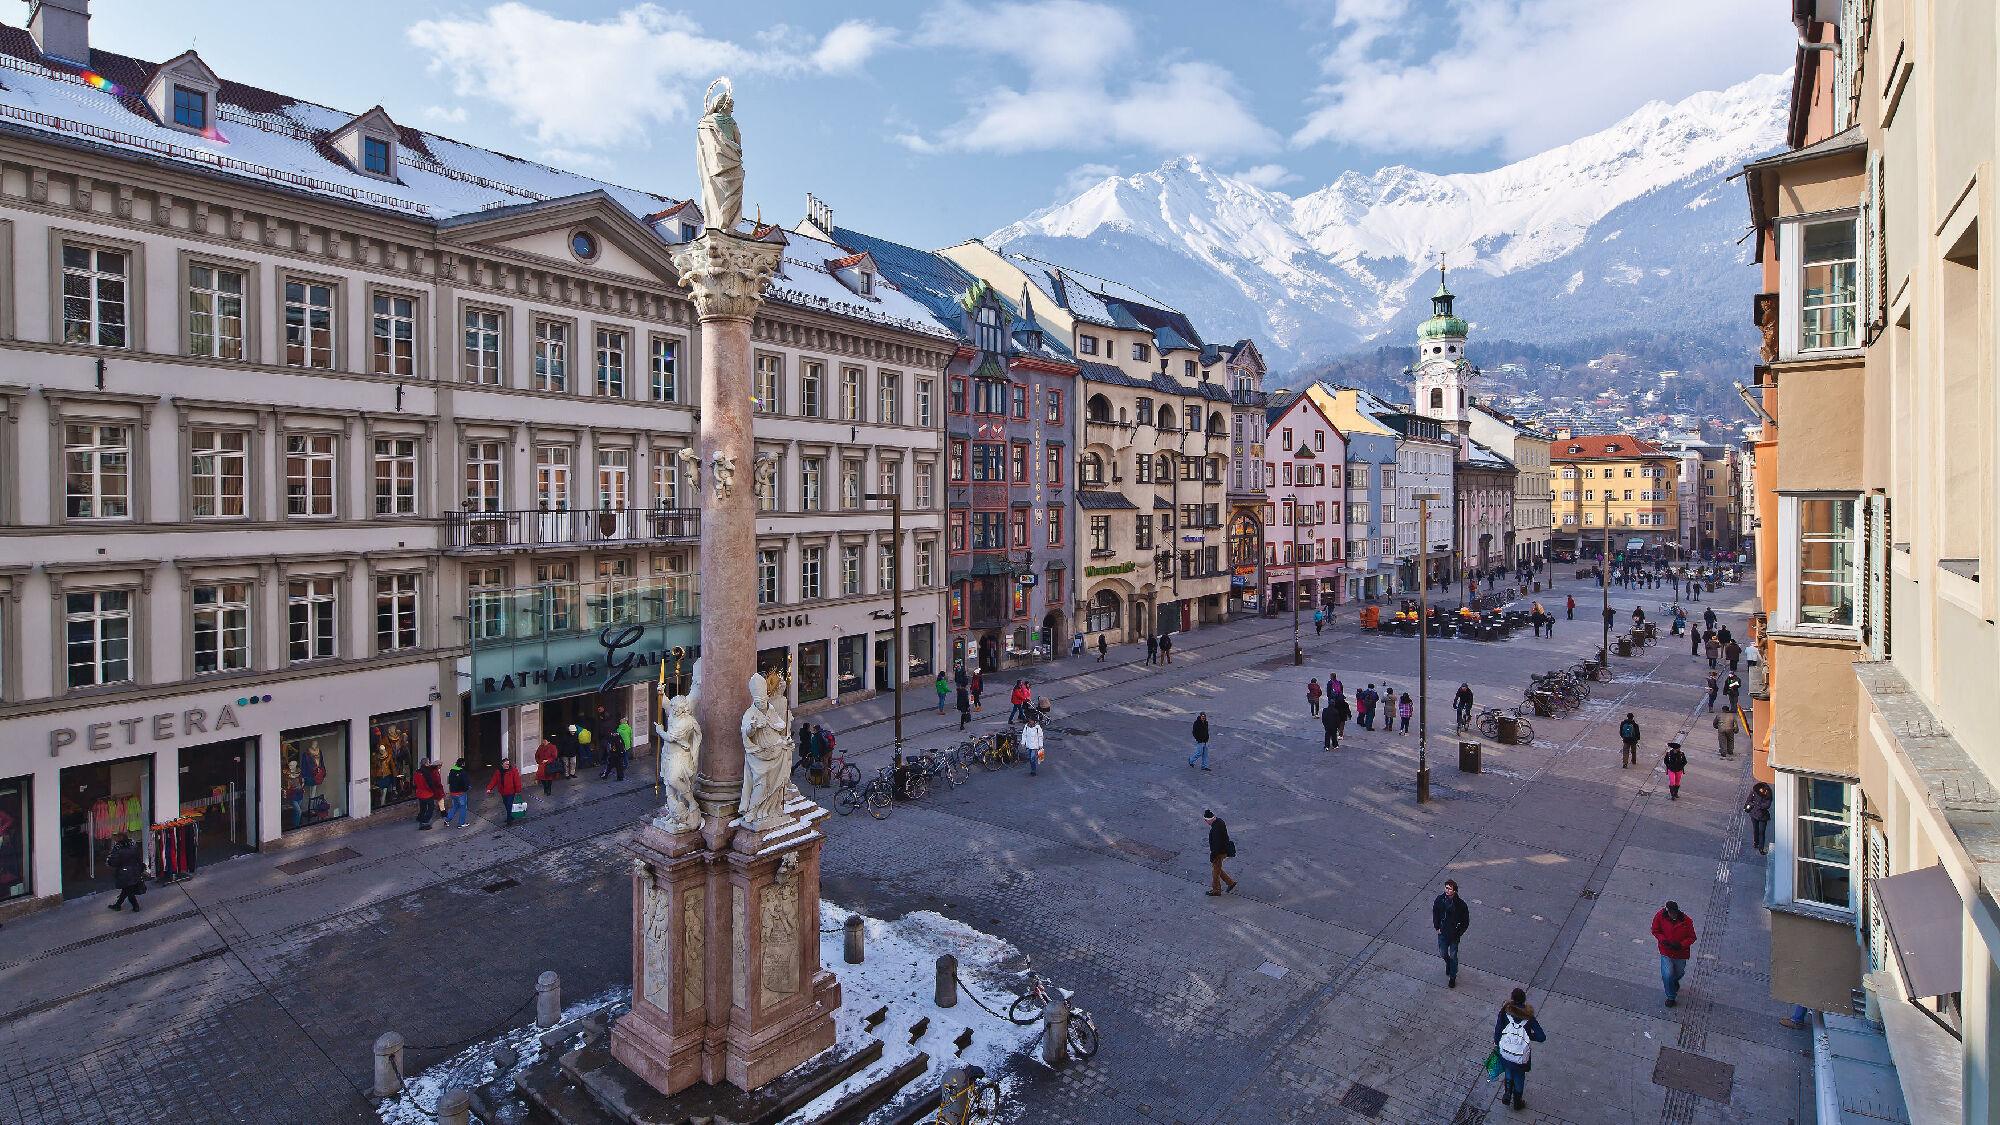 Die Maria-Theresien-Strasse in Innsbruck